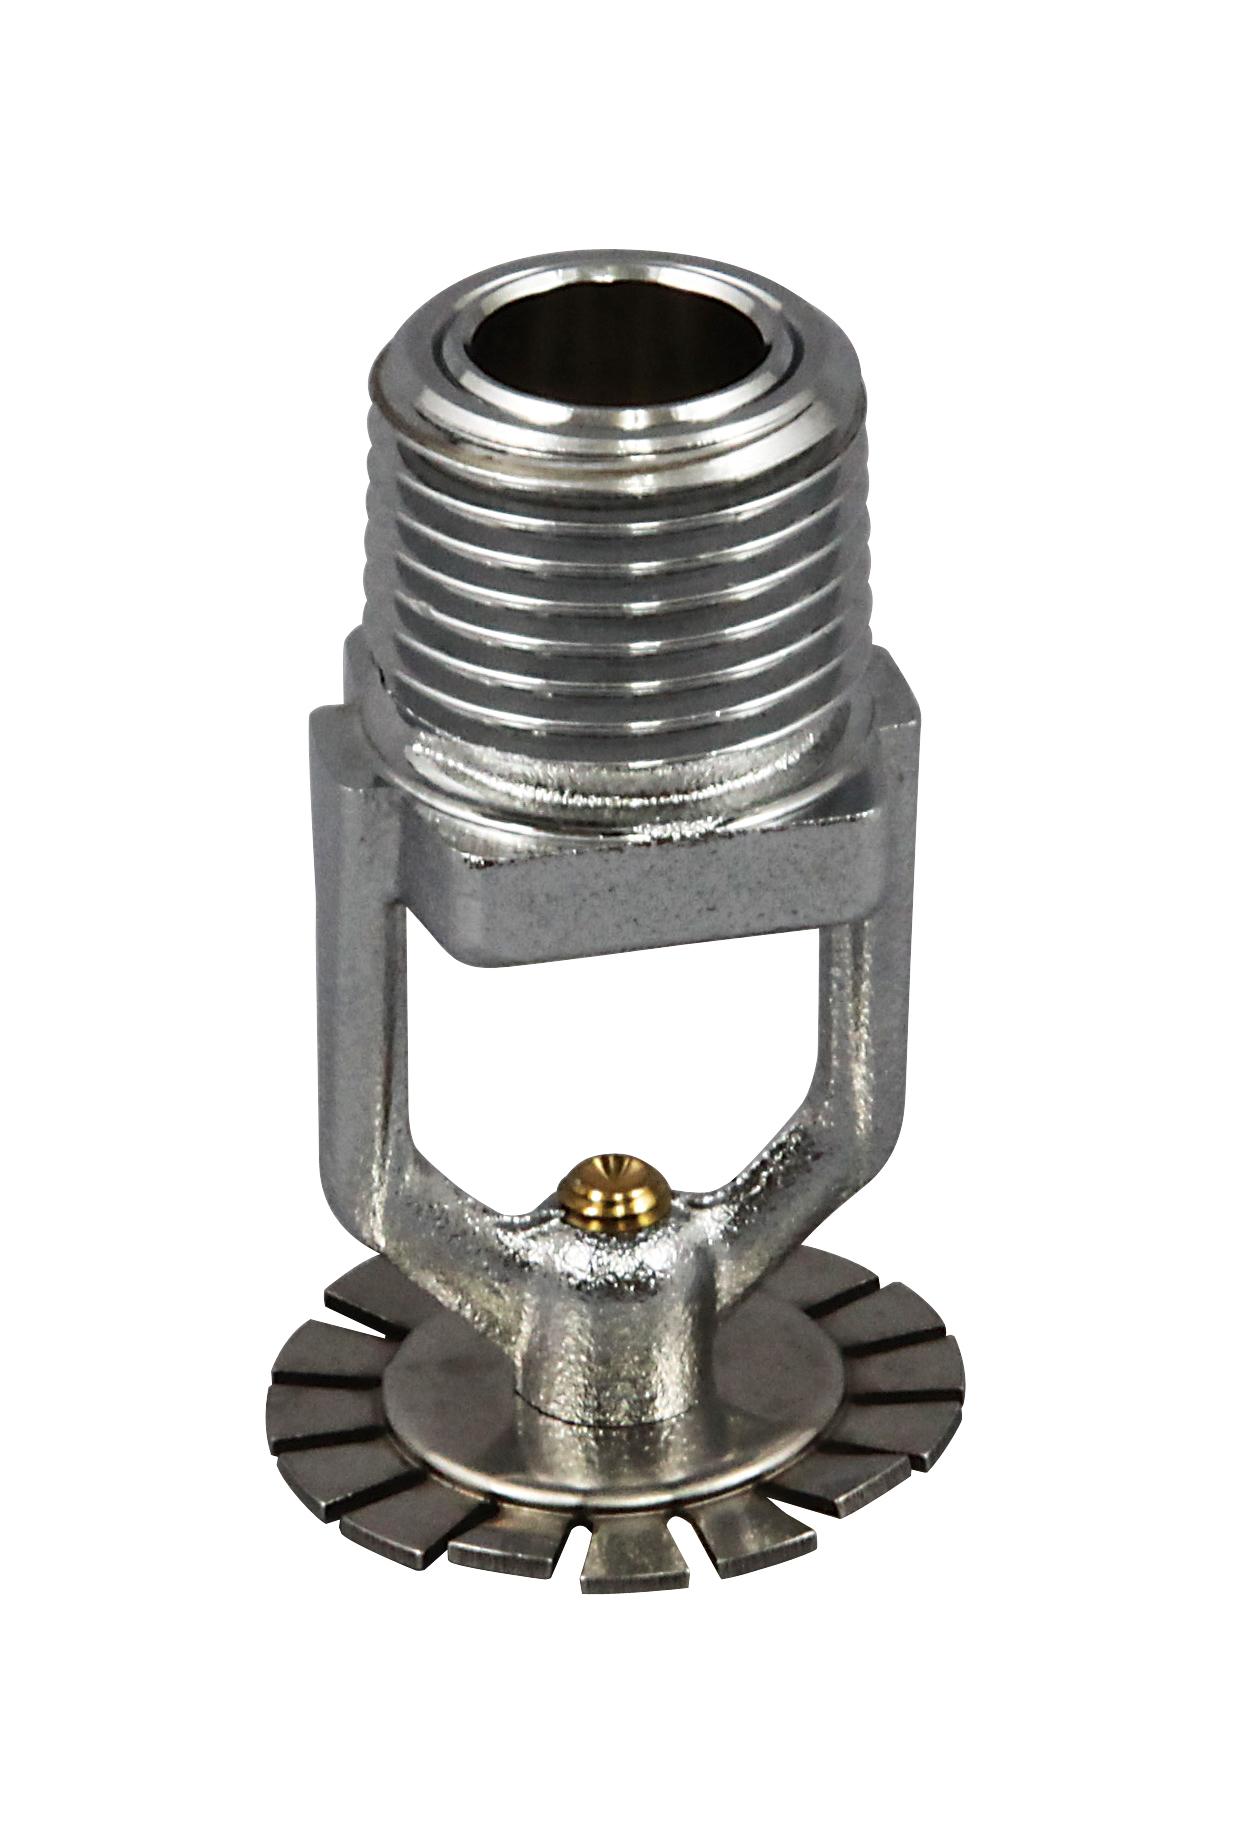 開放型泡水溶液ヘッドYCXP-O-26-10